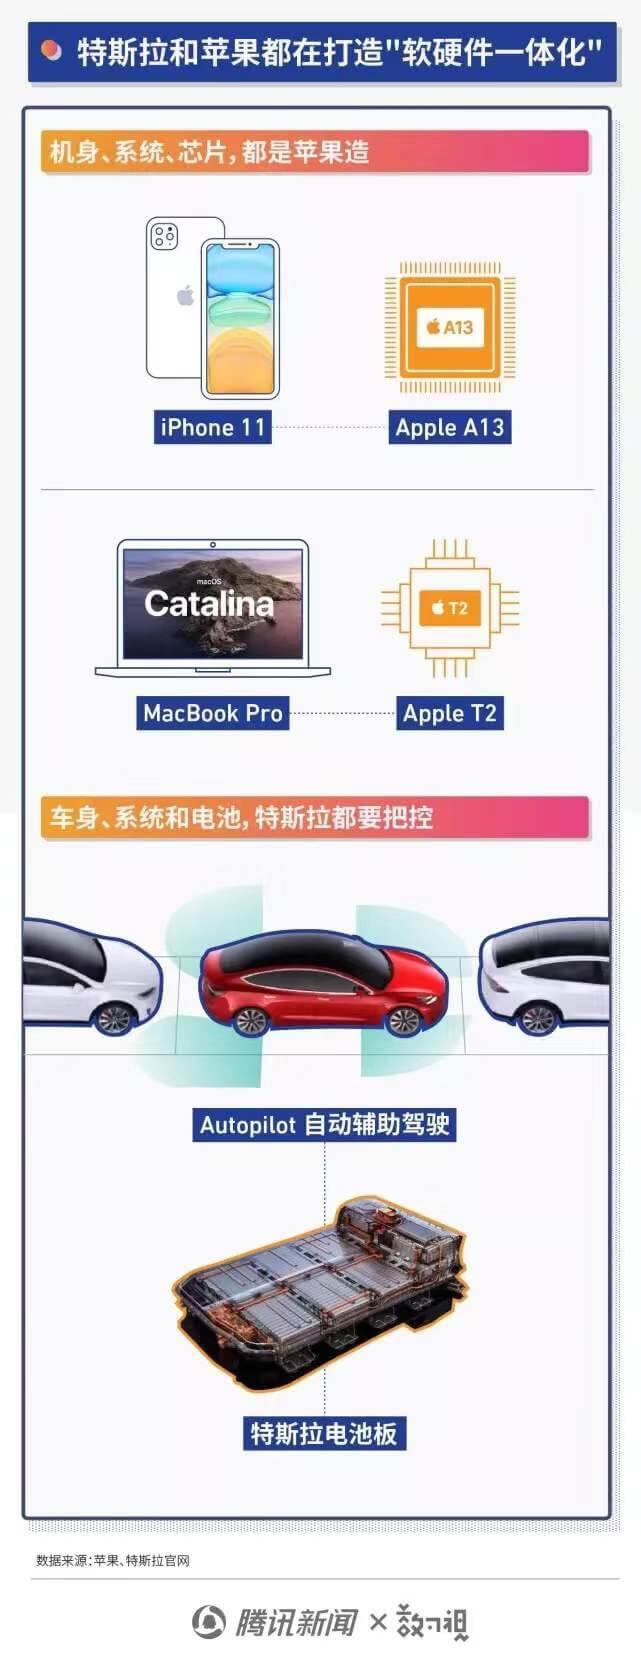 """特斯拉市值超千亿美元 能否成为""""汽车界的苹果""""?"""